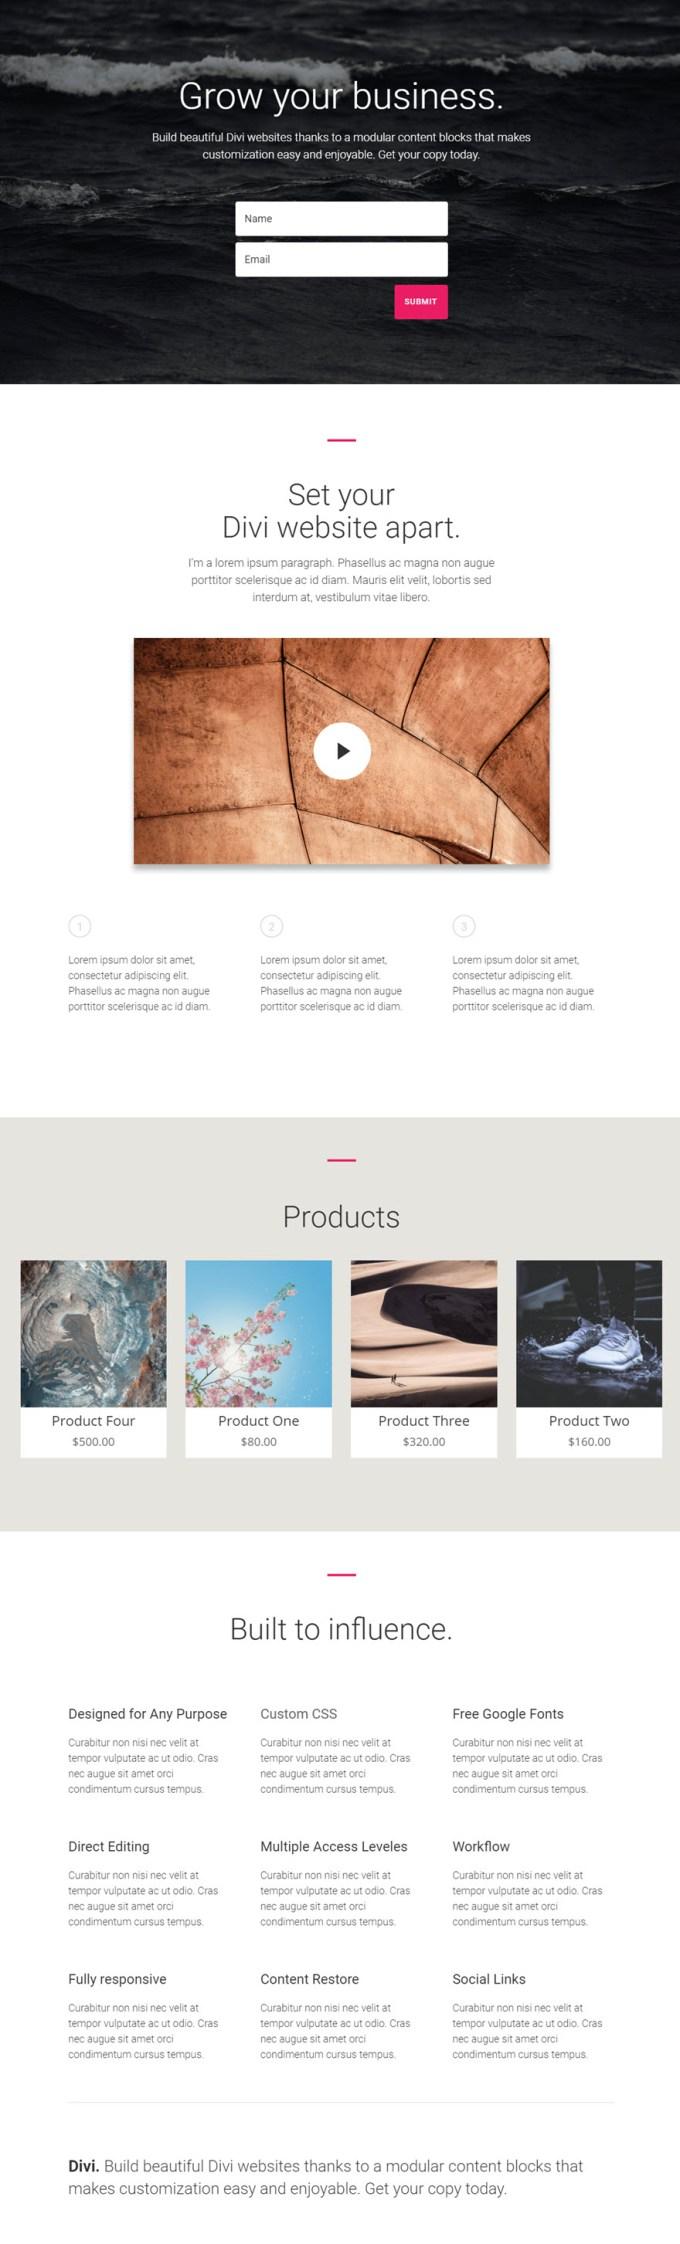 produk display pada halaman accel divi.jpg